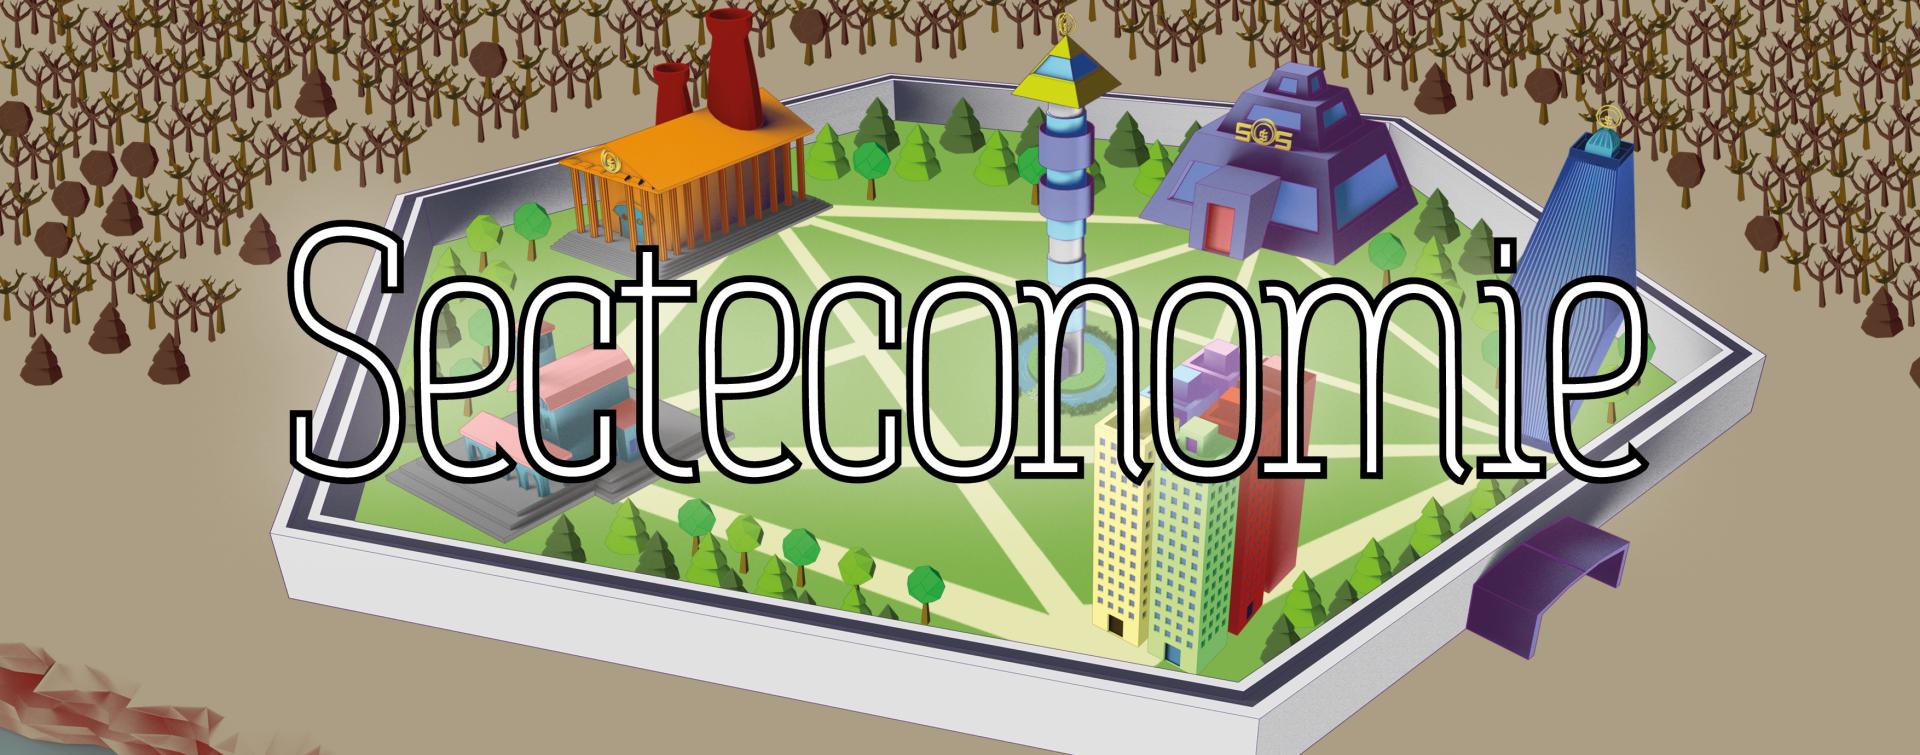 Secteconomie